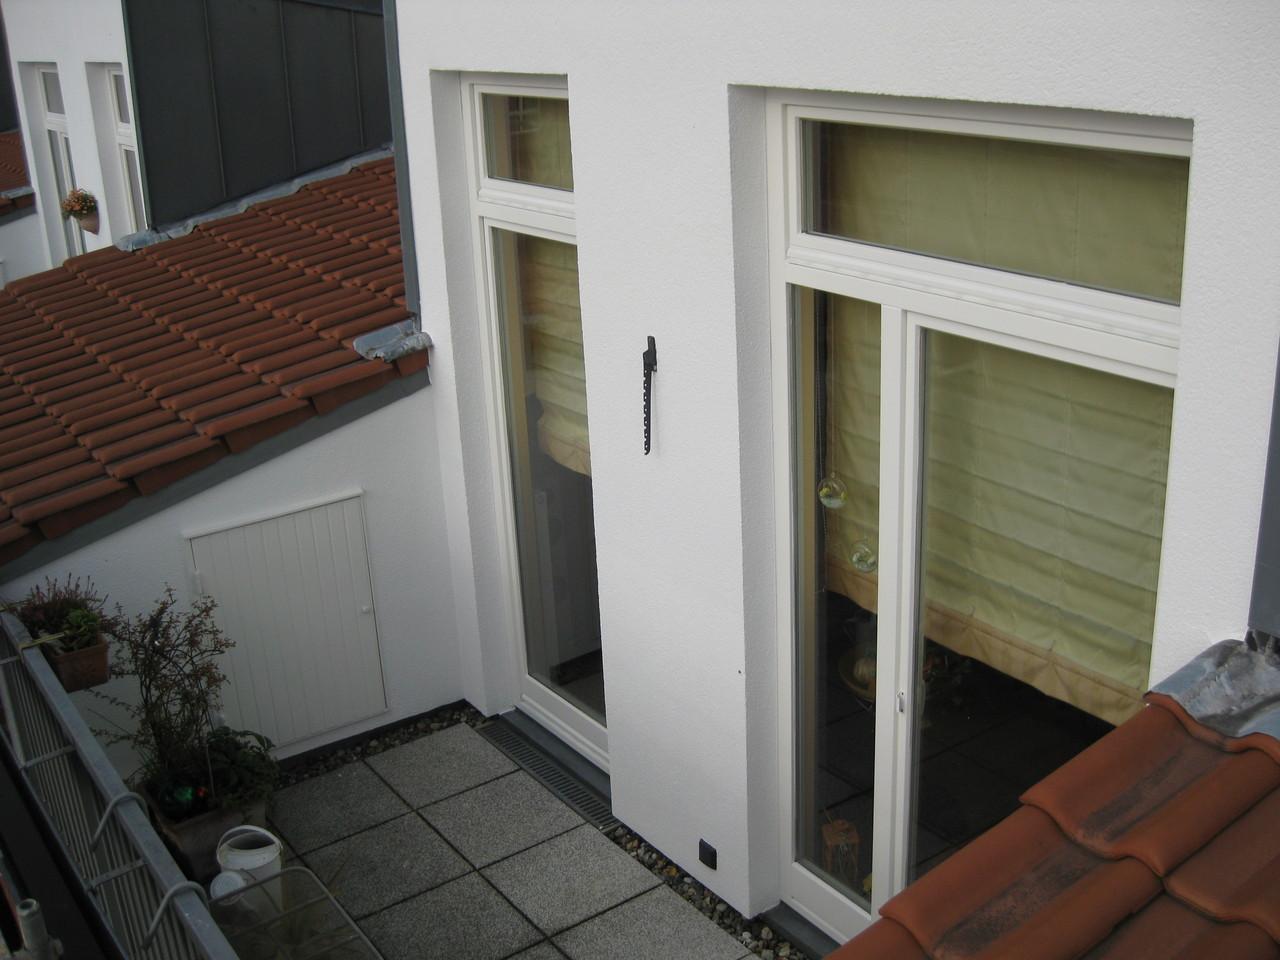 Wohnblock, Lackierung der Fenster und Holztüren/Balkon 3